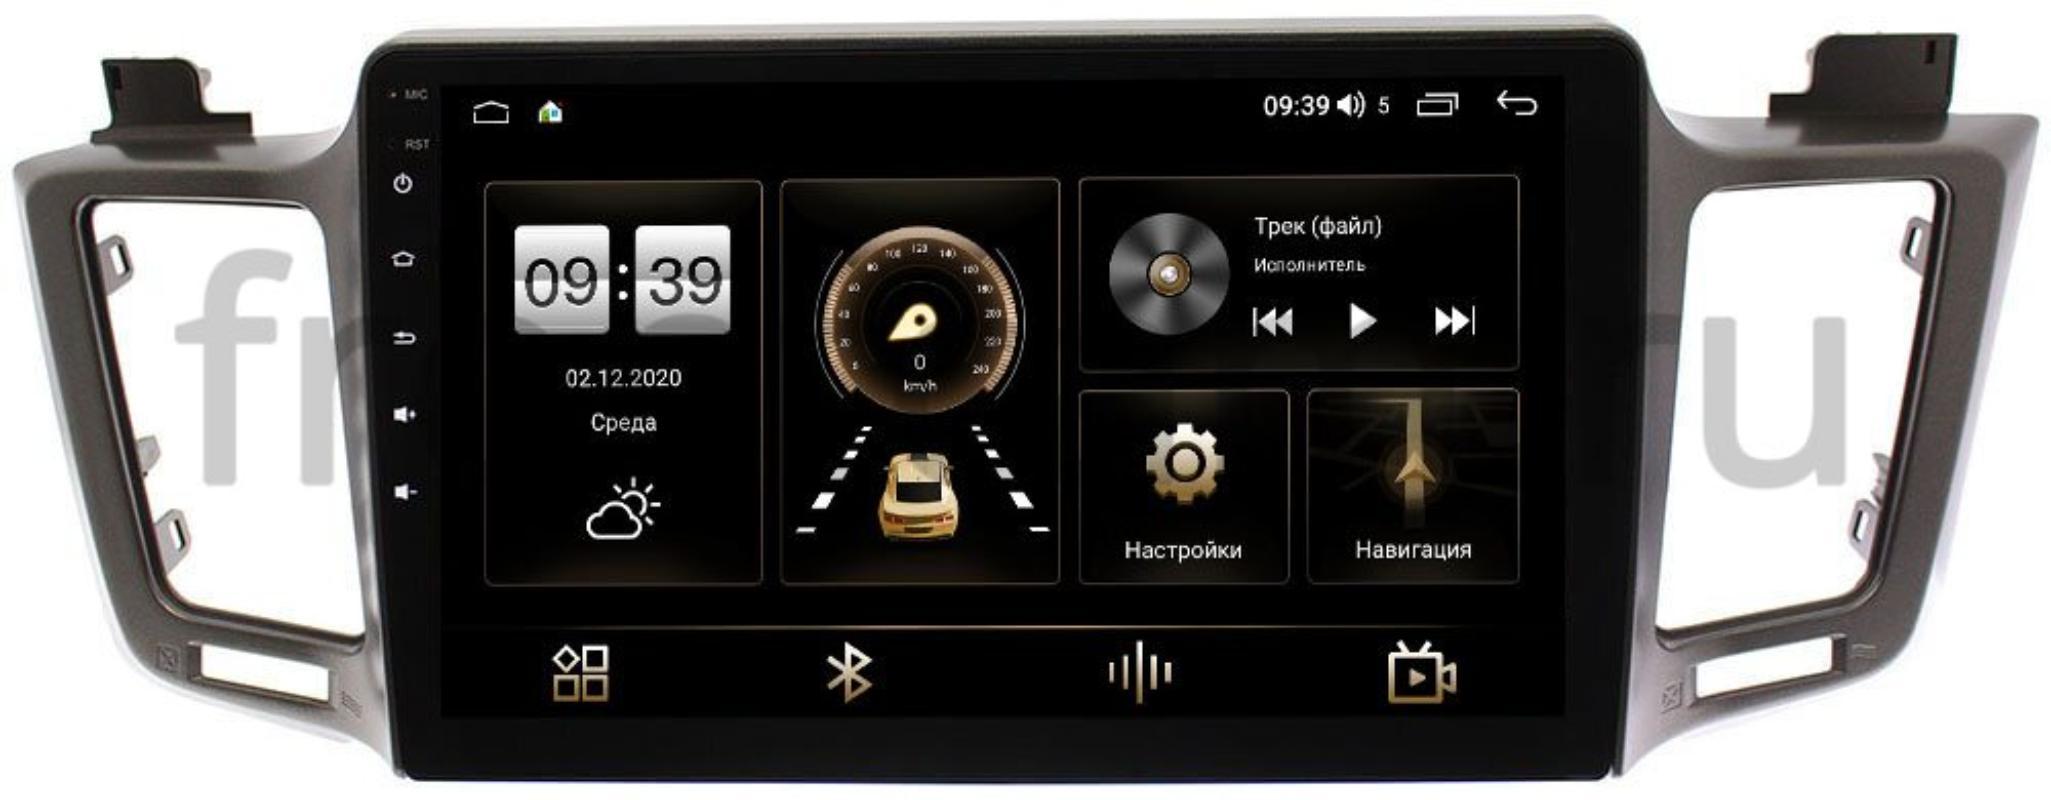 Штатная магнитола Toyota RAV4 (CA40) 2013-2019 LeTrun 3799-1060 (для авто без камеры) на Android 10 (4/64, DSP, QLed) (+ Камера заднего вида в подарок!)